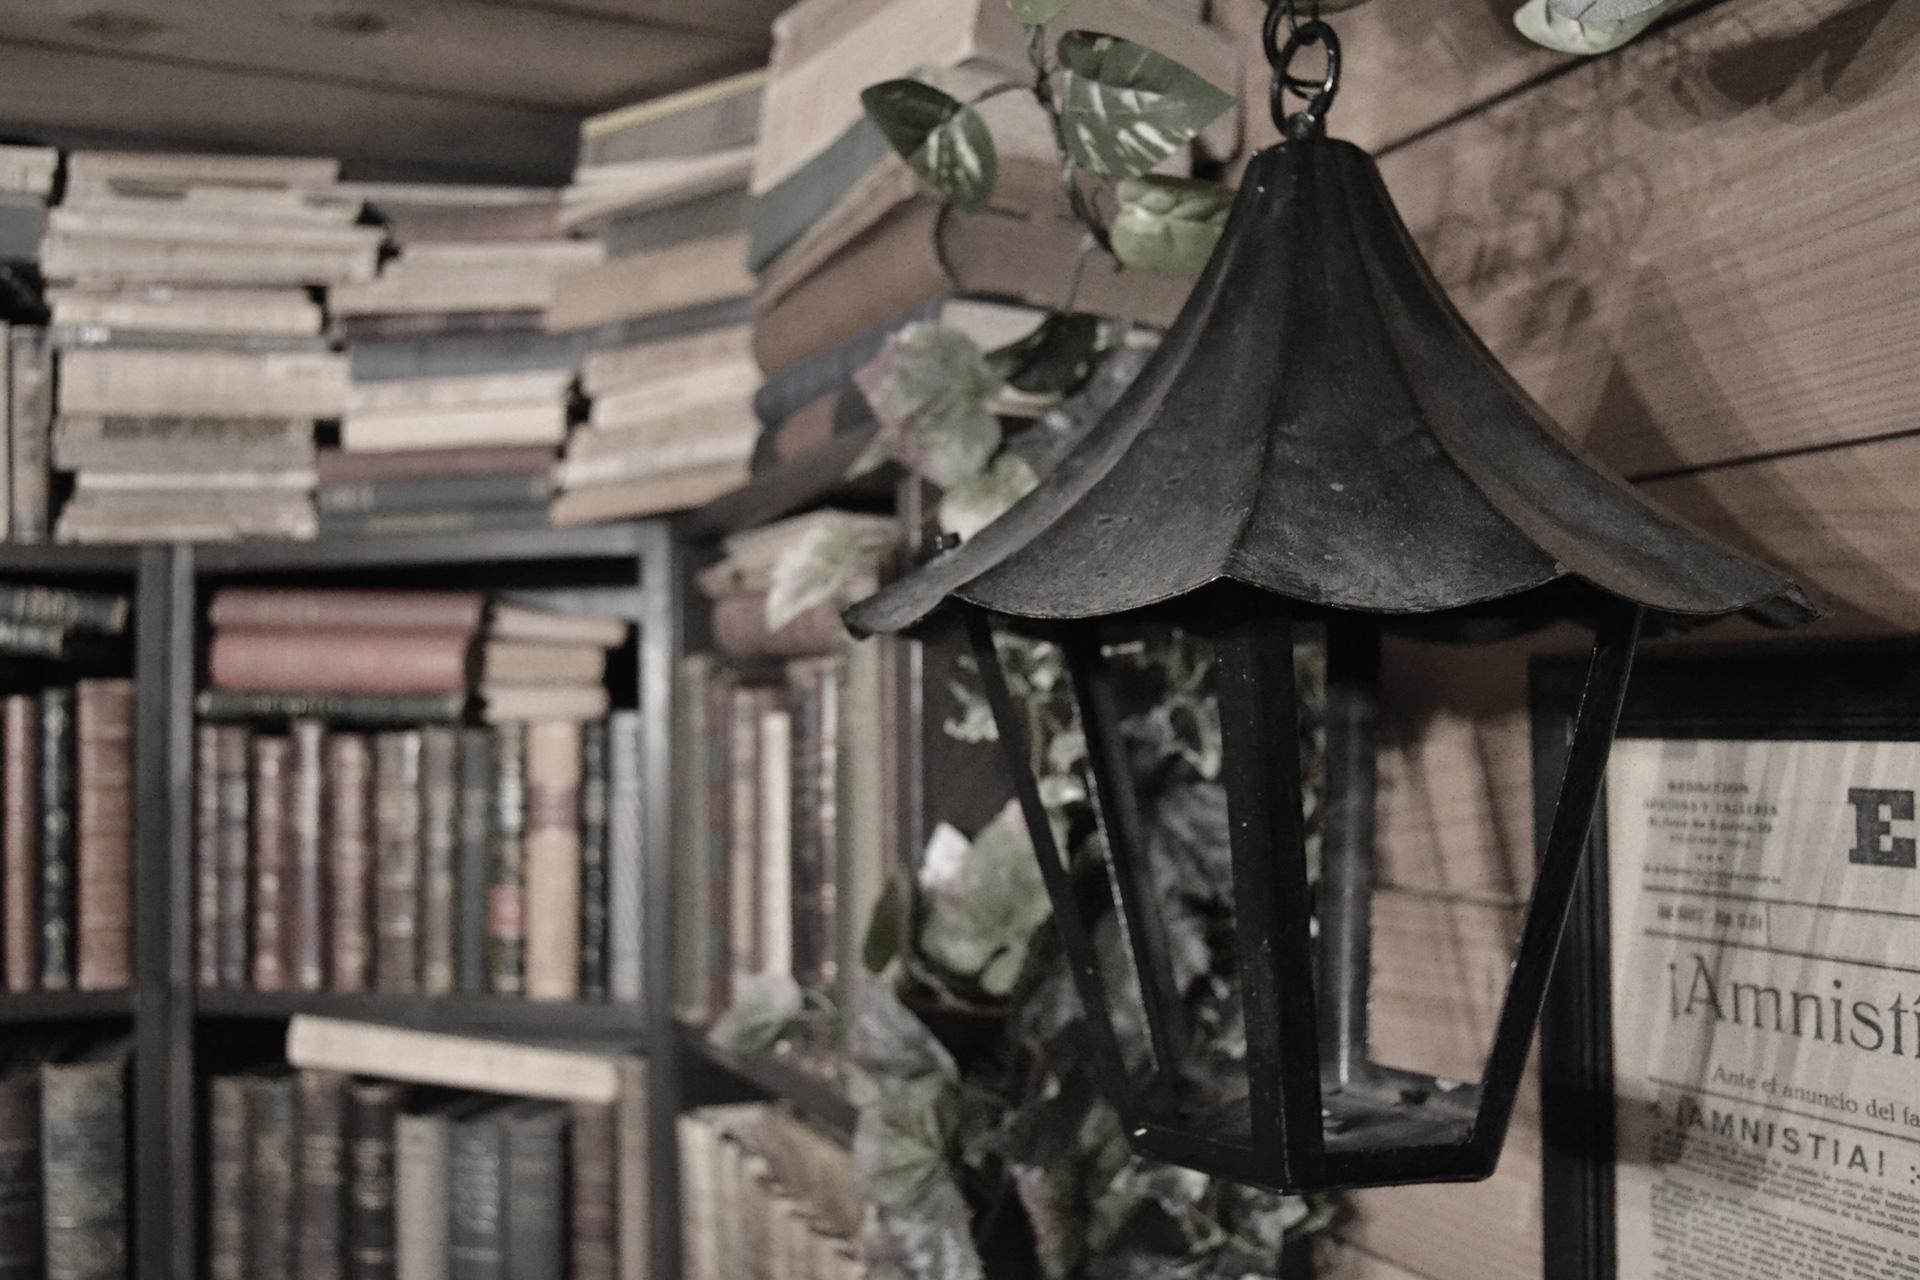 自分で選書した本で飾った書棚ディスプレイ